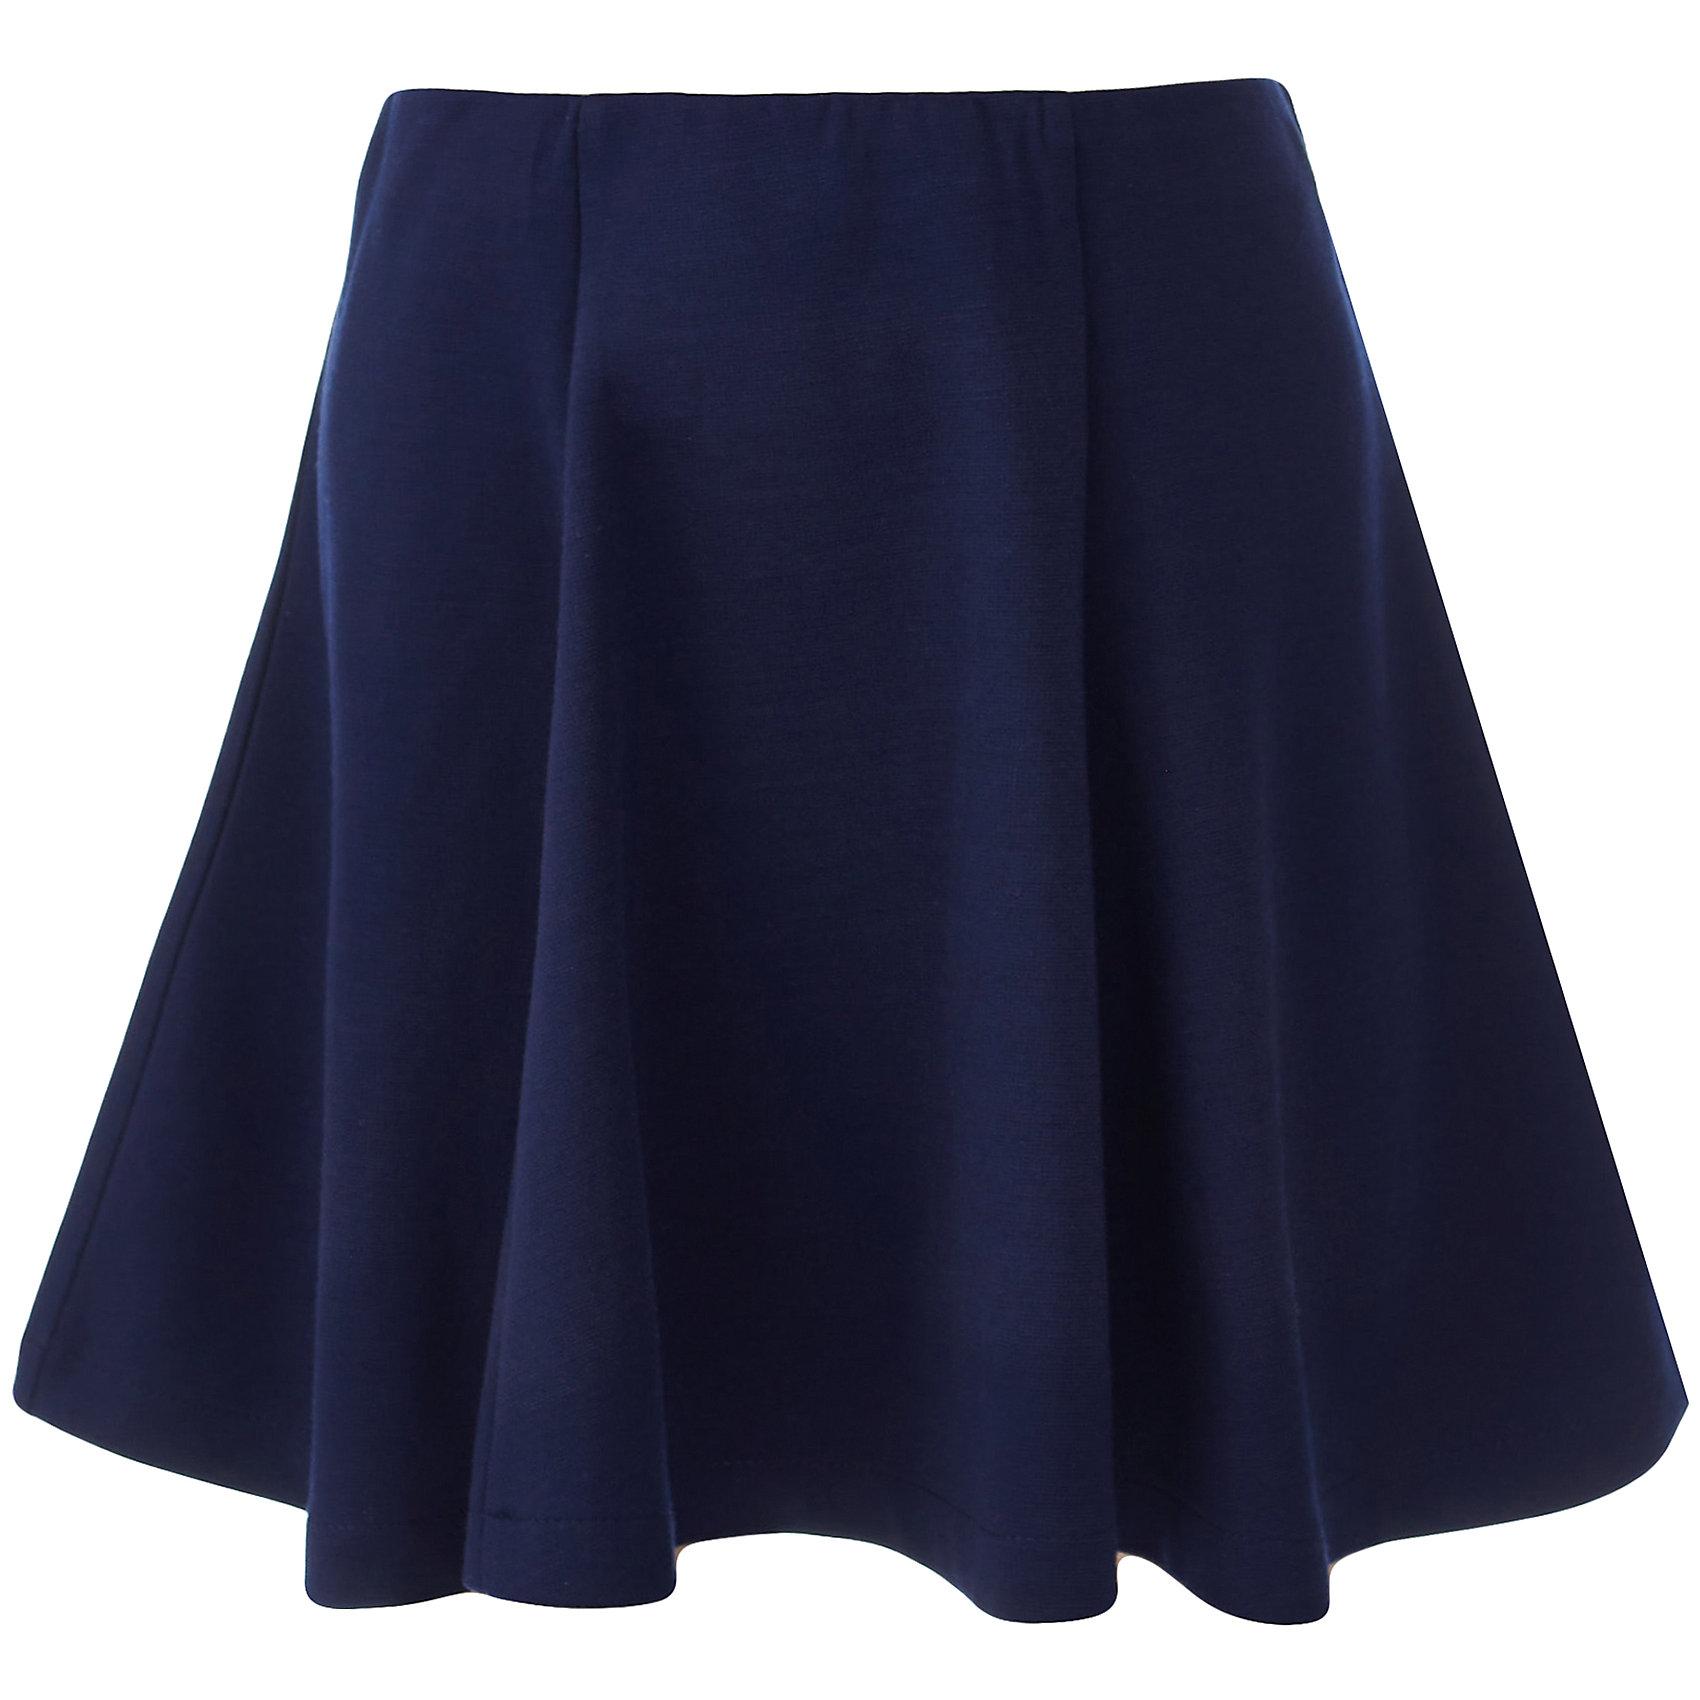 Юбка для девочки BUTTON BLUEЮбки<br>Юбка для девочки BUTTON BLUE<br>Какие юбки для девочек станут основой школьного гардероба? Те, кто уже носил юбку из плотного трикотажа знают: трикотажные школьные юбки - это удобство и свобода движений. Купить школьную юбку от Button Blue, значит, обеспечить ребенку повседневный комфорт.<br>Состав:<br>75% полиэстер, 21% вискоза,             4% эластан<br><br>Ширина мм: 207<br>Глубина мм: 10<br>Высота мм: 189<br>Вес г: 183<br>Цвет: синий<br>Возраст от месяцев: 156<br>Возраст до месяцев: 168<br>Пол: Женский<br>Возраст: Детский<br>Размер: 164,122,128,134,140,146,152,158<br>SKU: 6739438